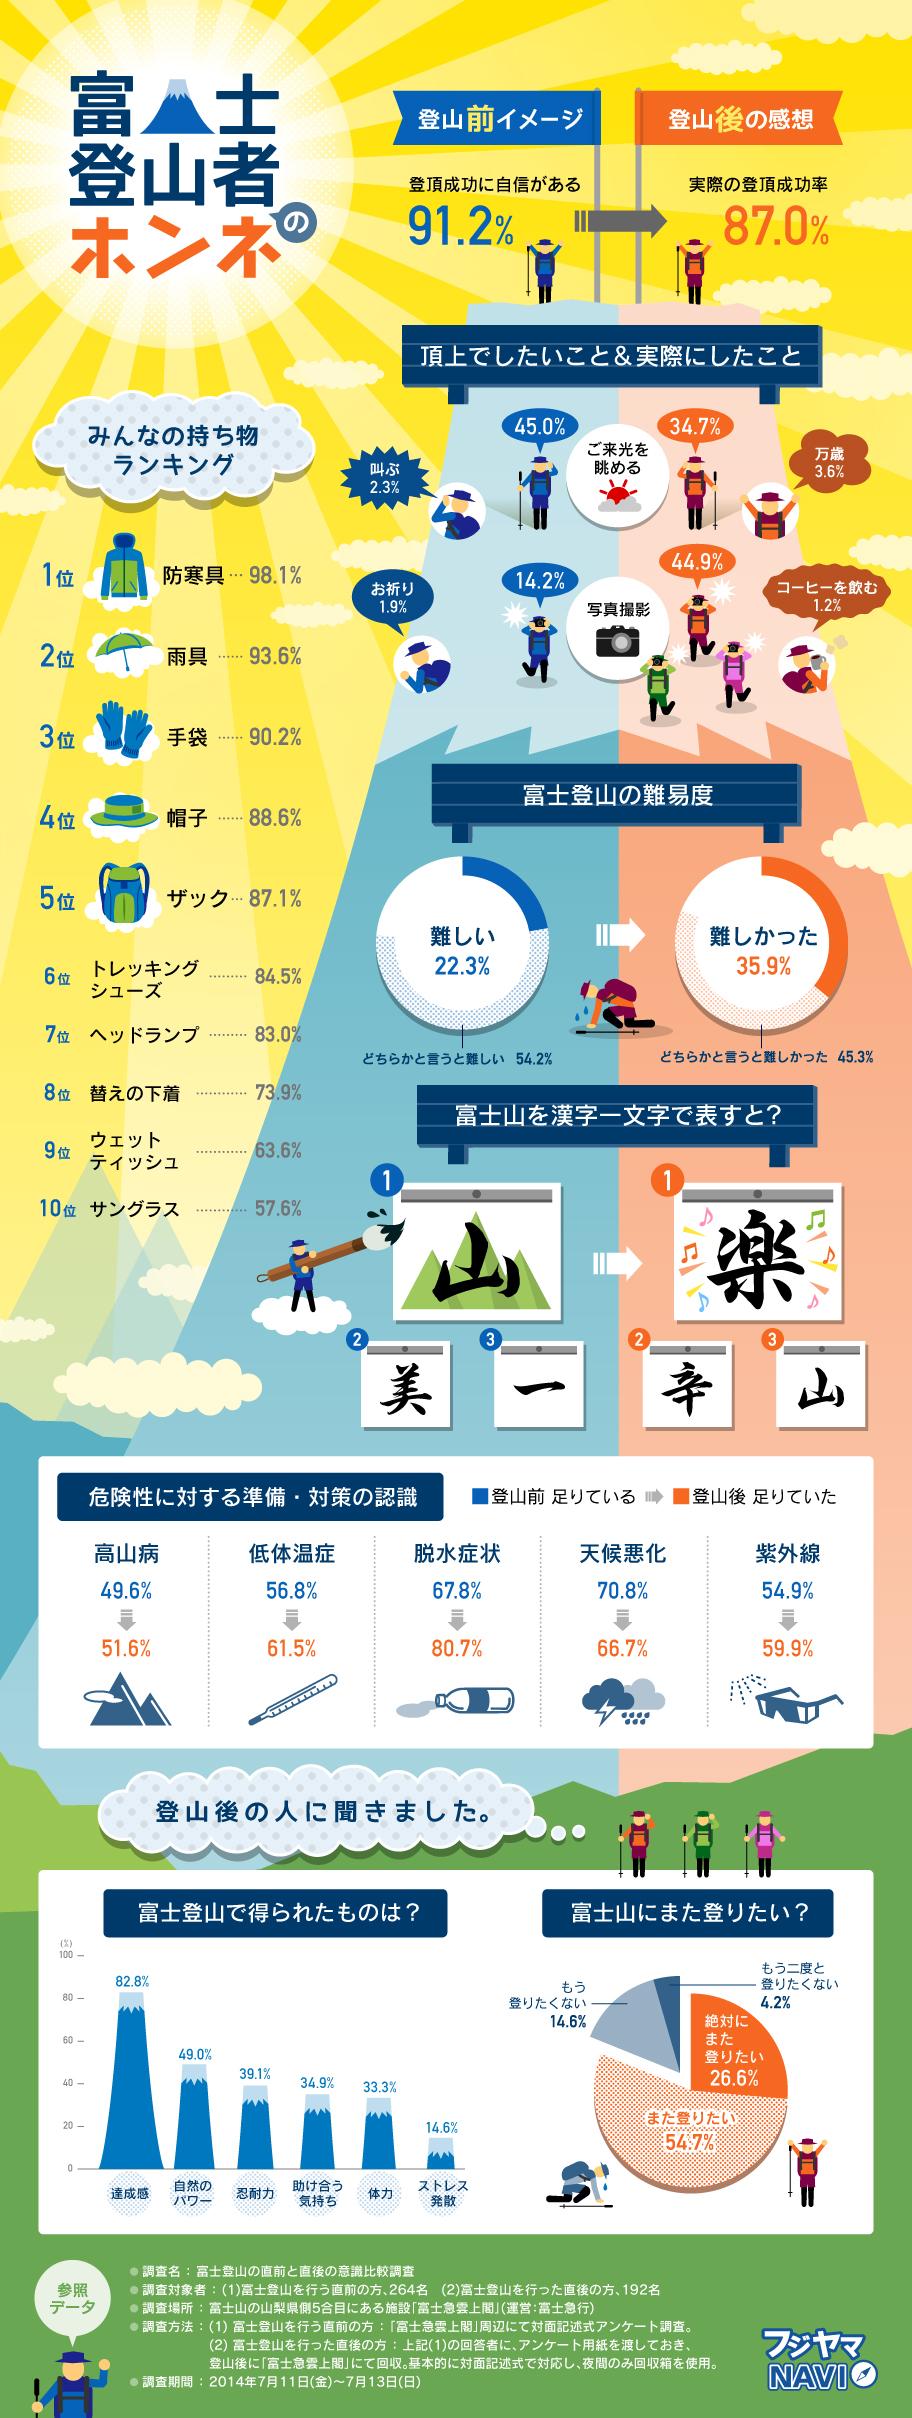 インフォグラフィック:富士山登山者のリアルな声。日本一の山は意外と「楽」なのかも